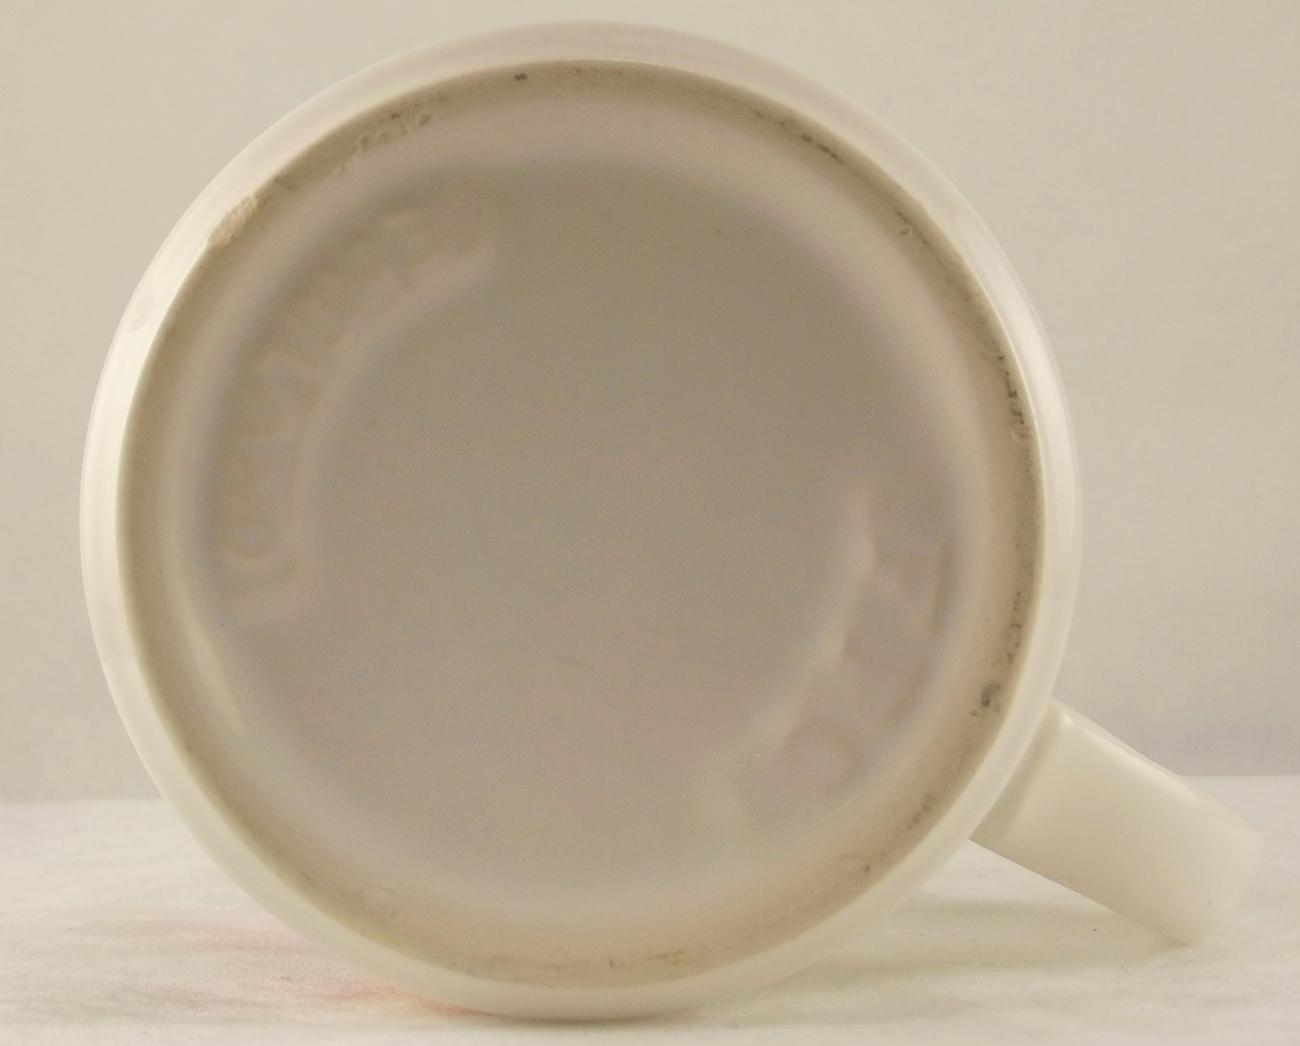 Vintage Christmas coffee mug FPC England colorful collectible